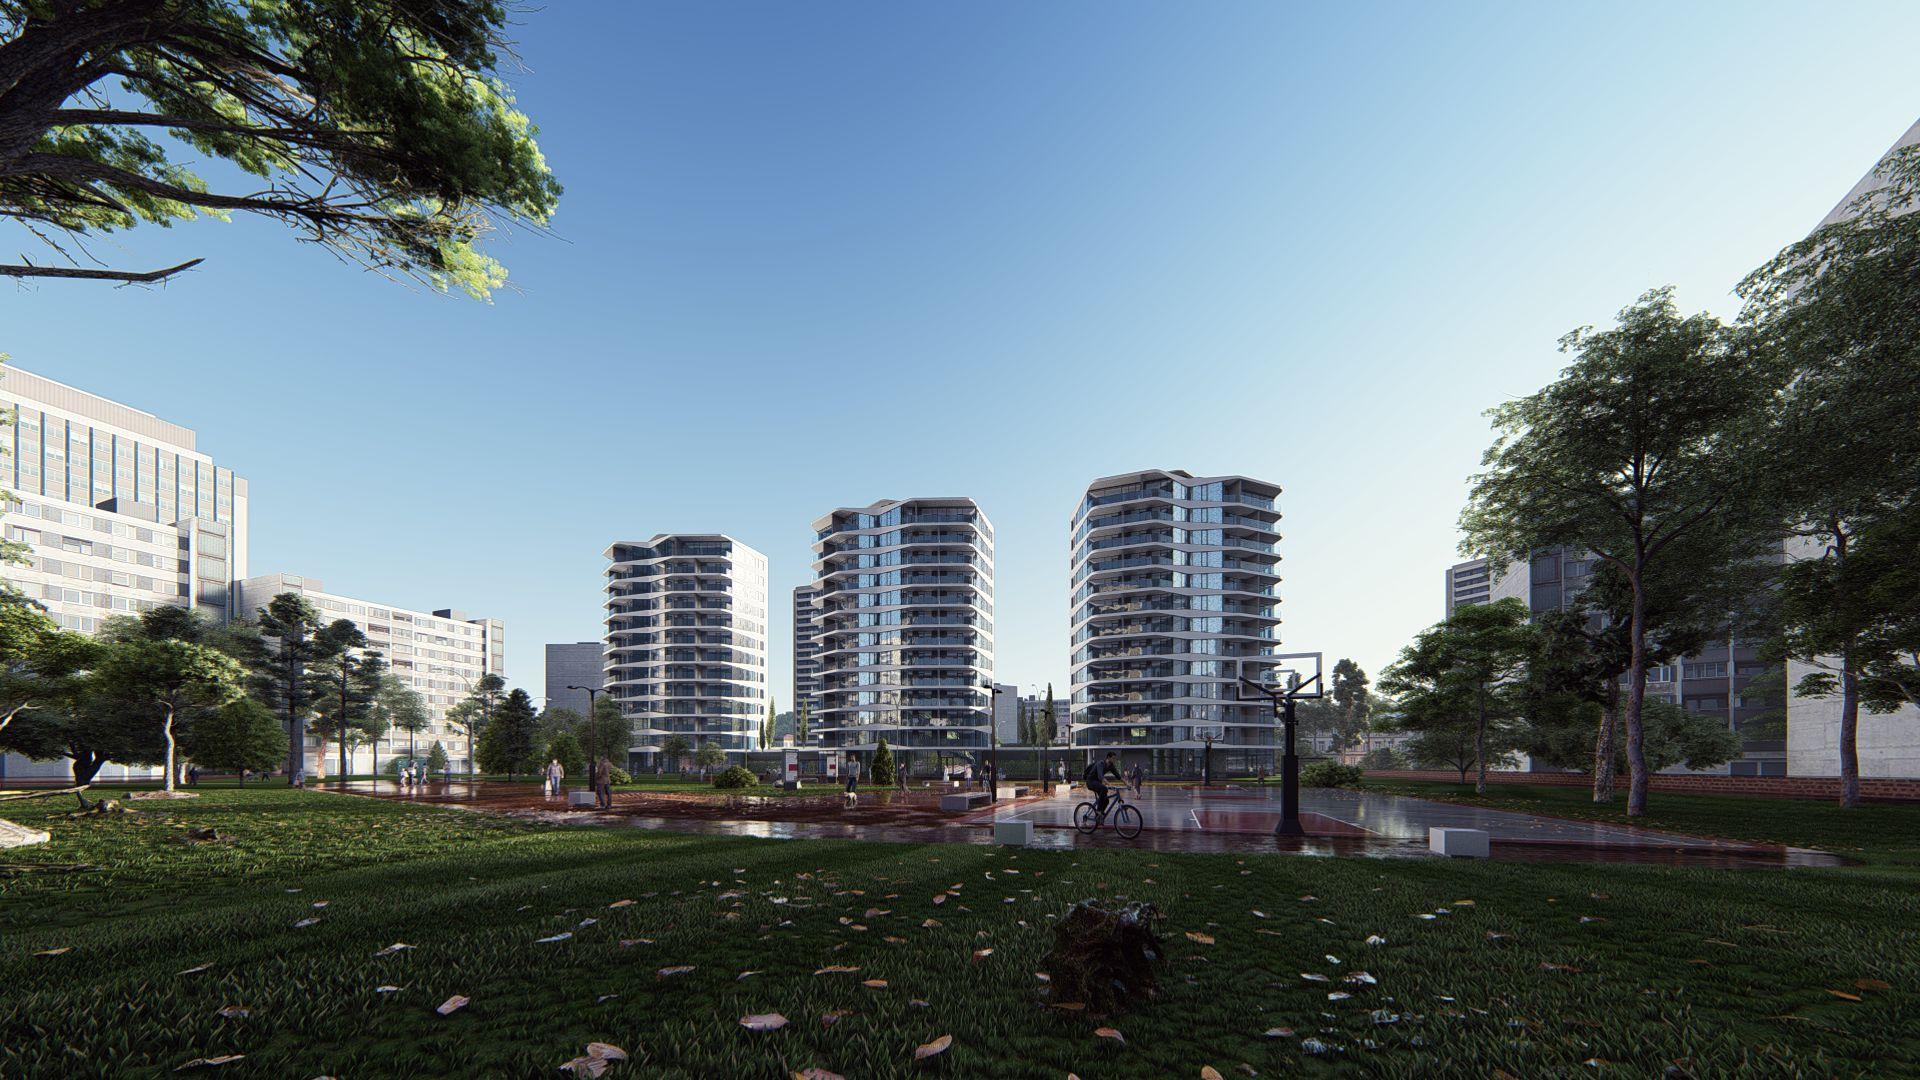 arhitektuurne 3d visualiseerimine skyline 5 2